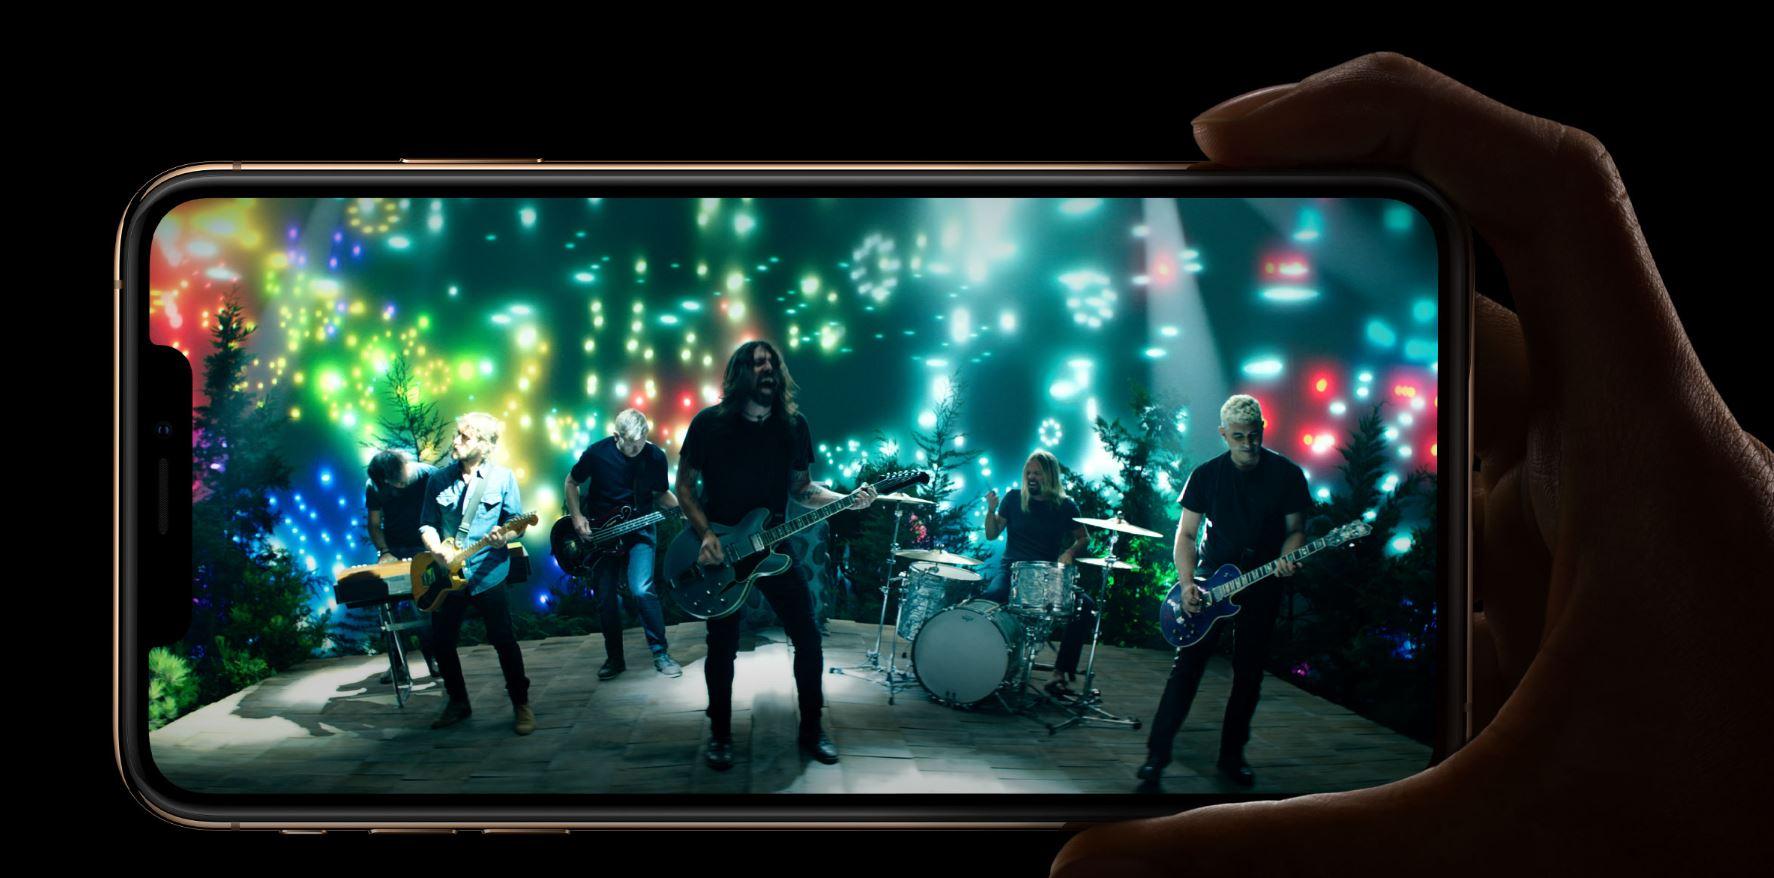 El iPhone XS y XS Max no se venden